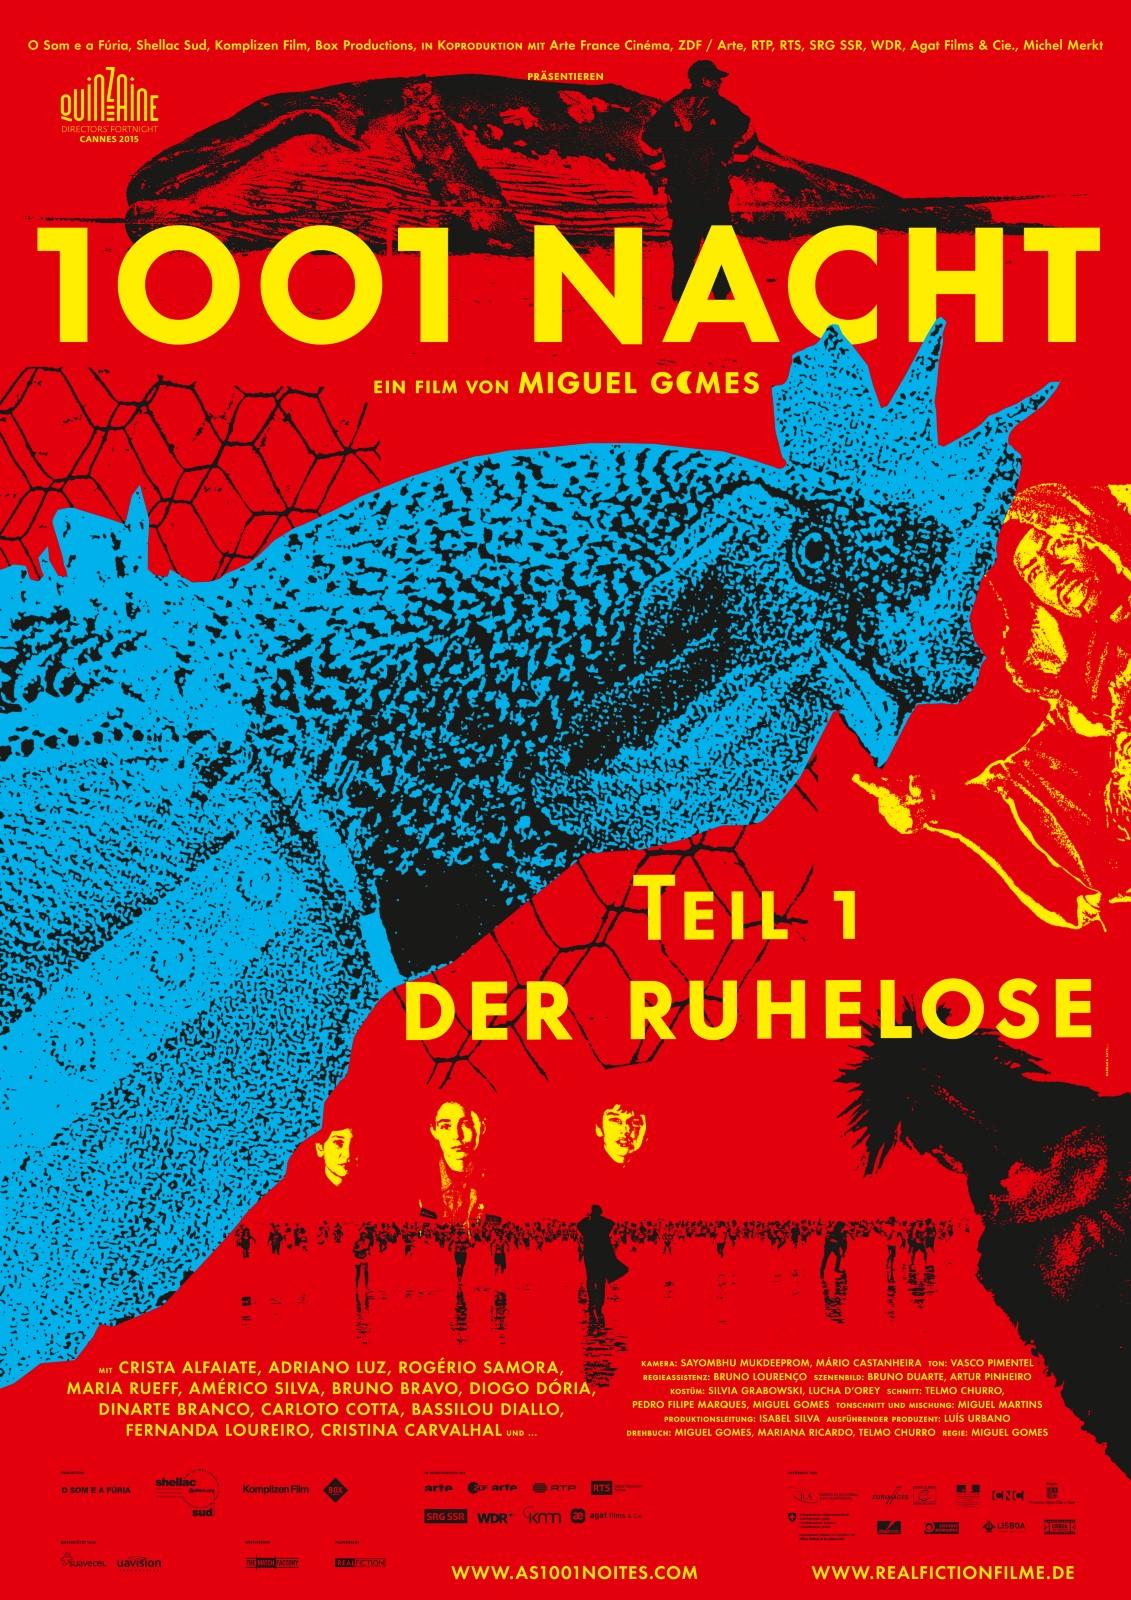 1001 Nacht De